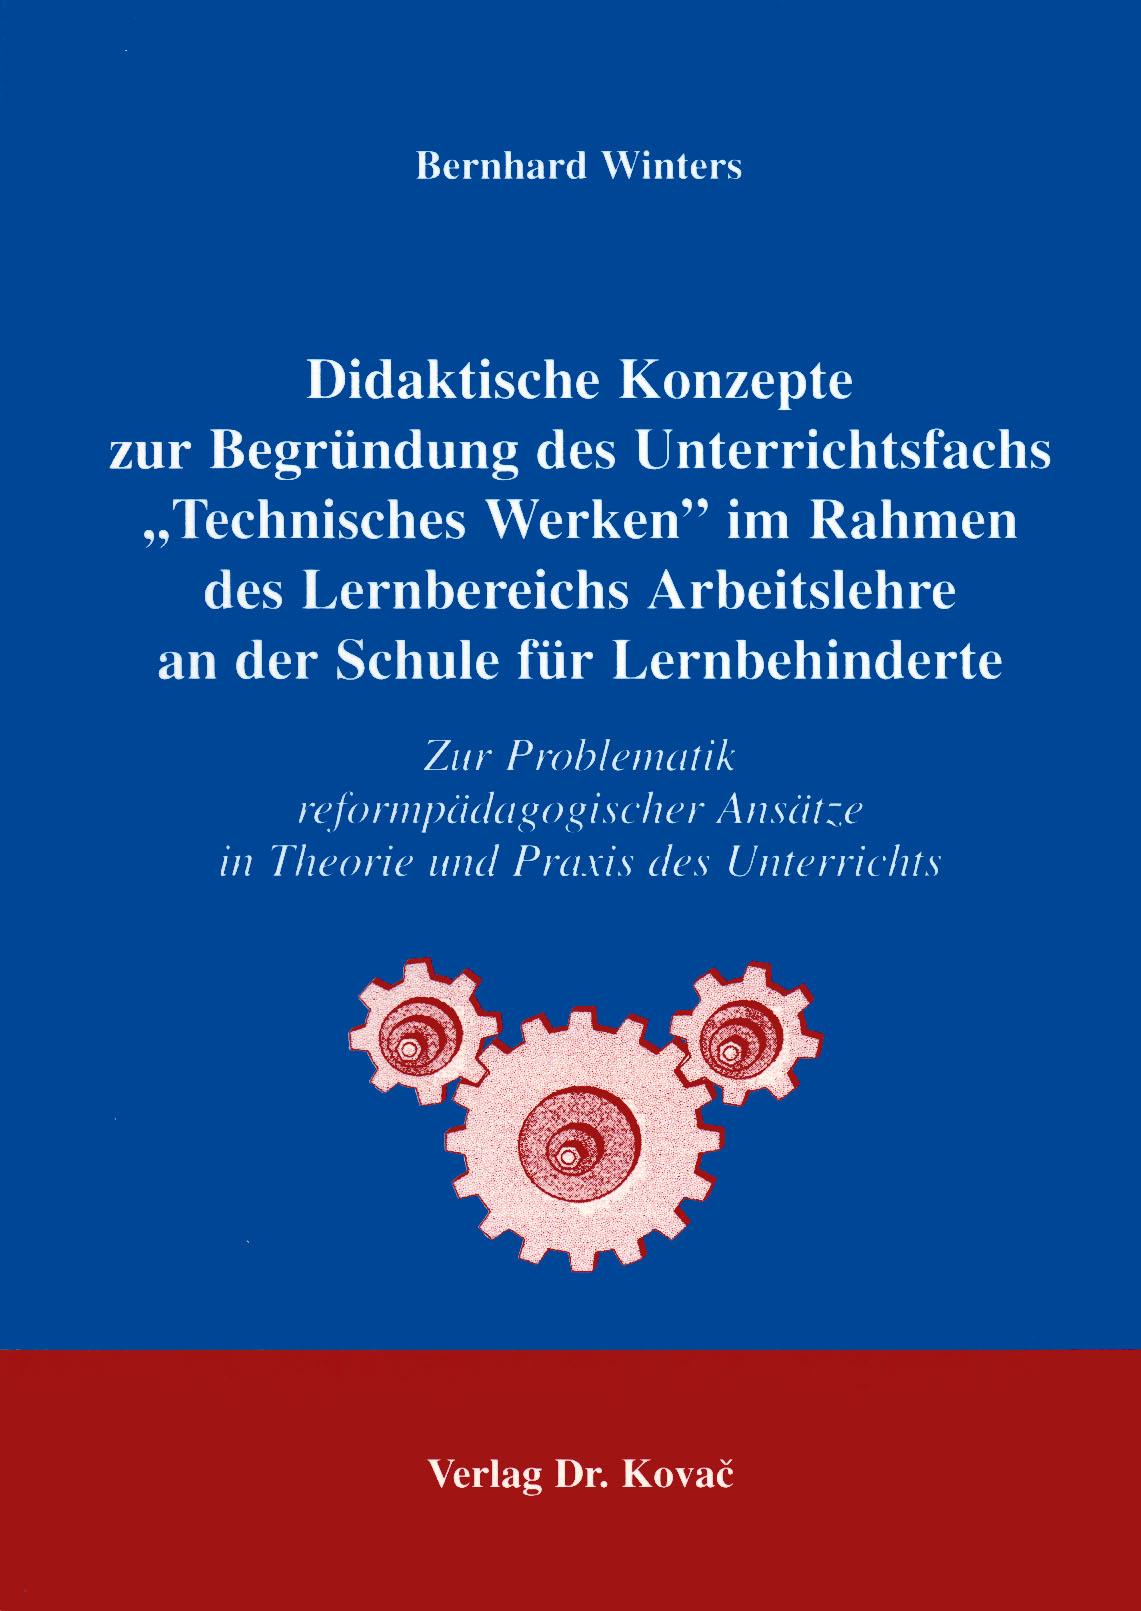 """Cover: Didaktische Konzepte zur Begründung des Unterrichtsfachs """"Technisches Werken"""" im Rahmen des Lernbereichs Arbeitslehre an der Schule für Lernbehinderte"""